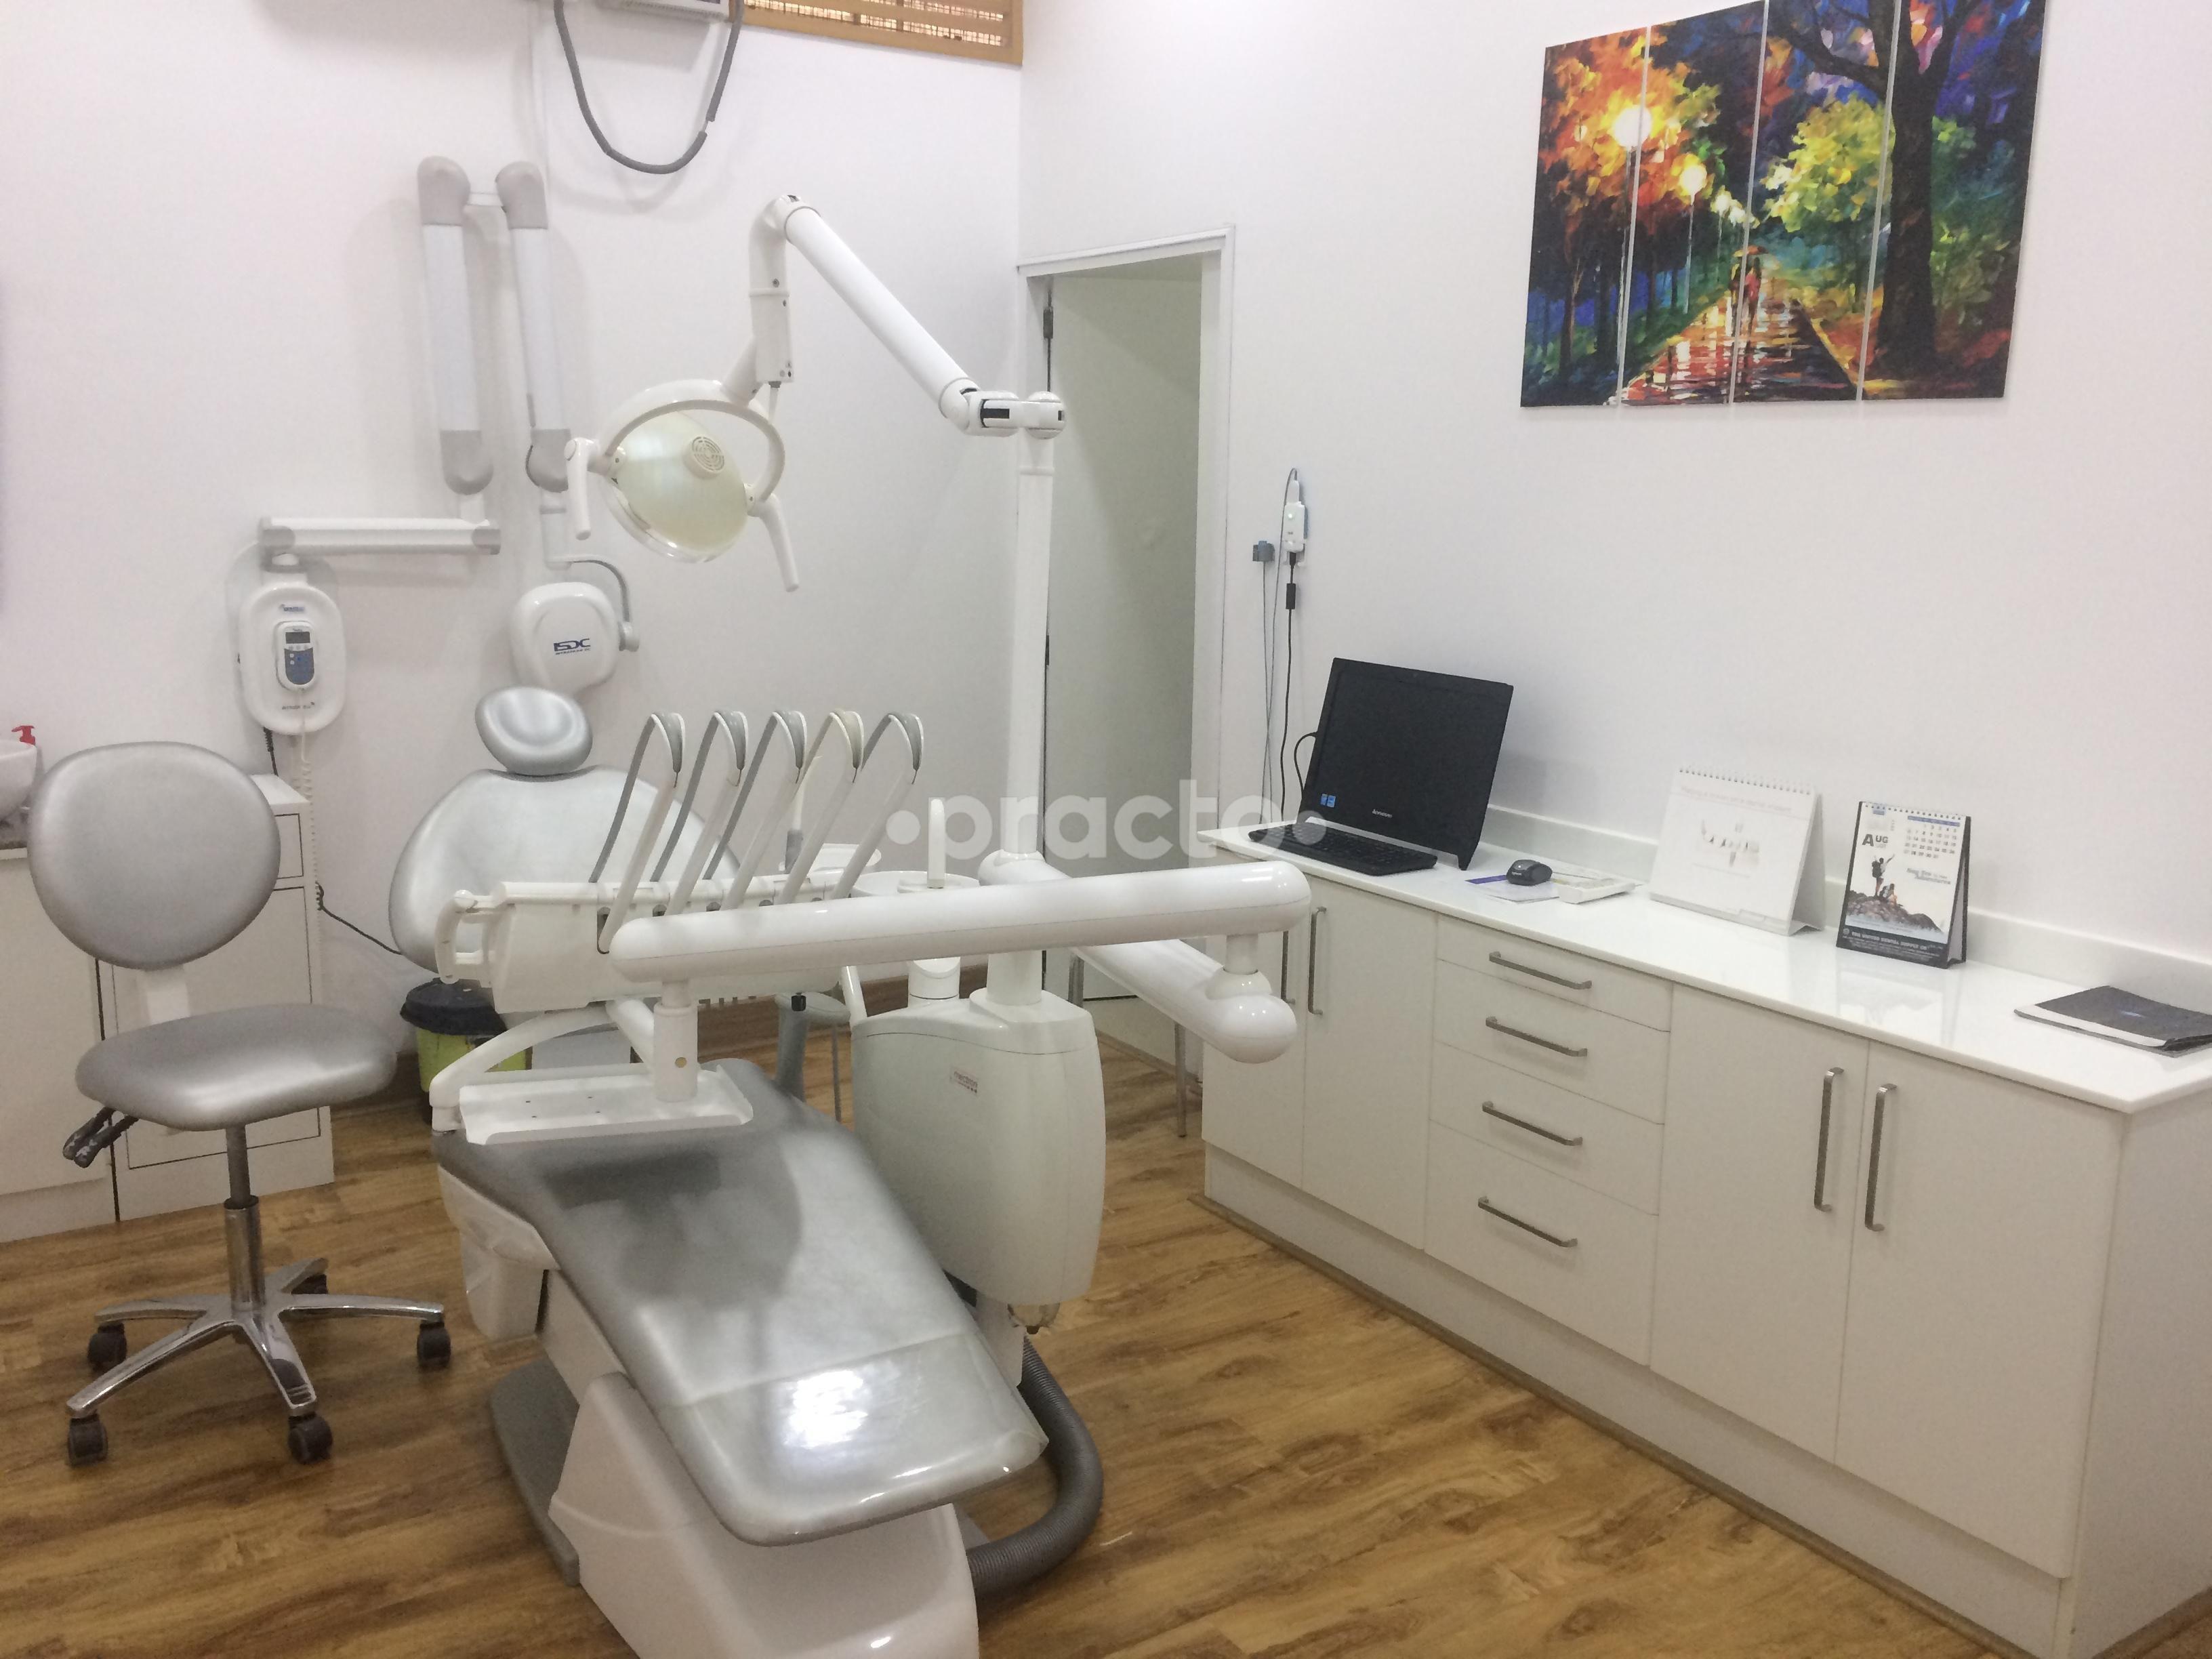 Urban Dental Houston Tx Emergency dentist, Affordable